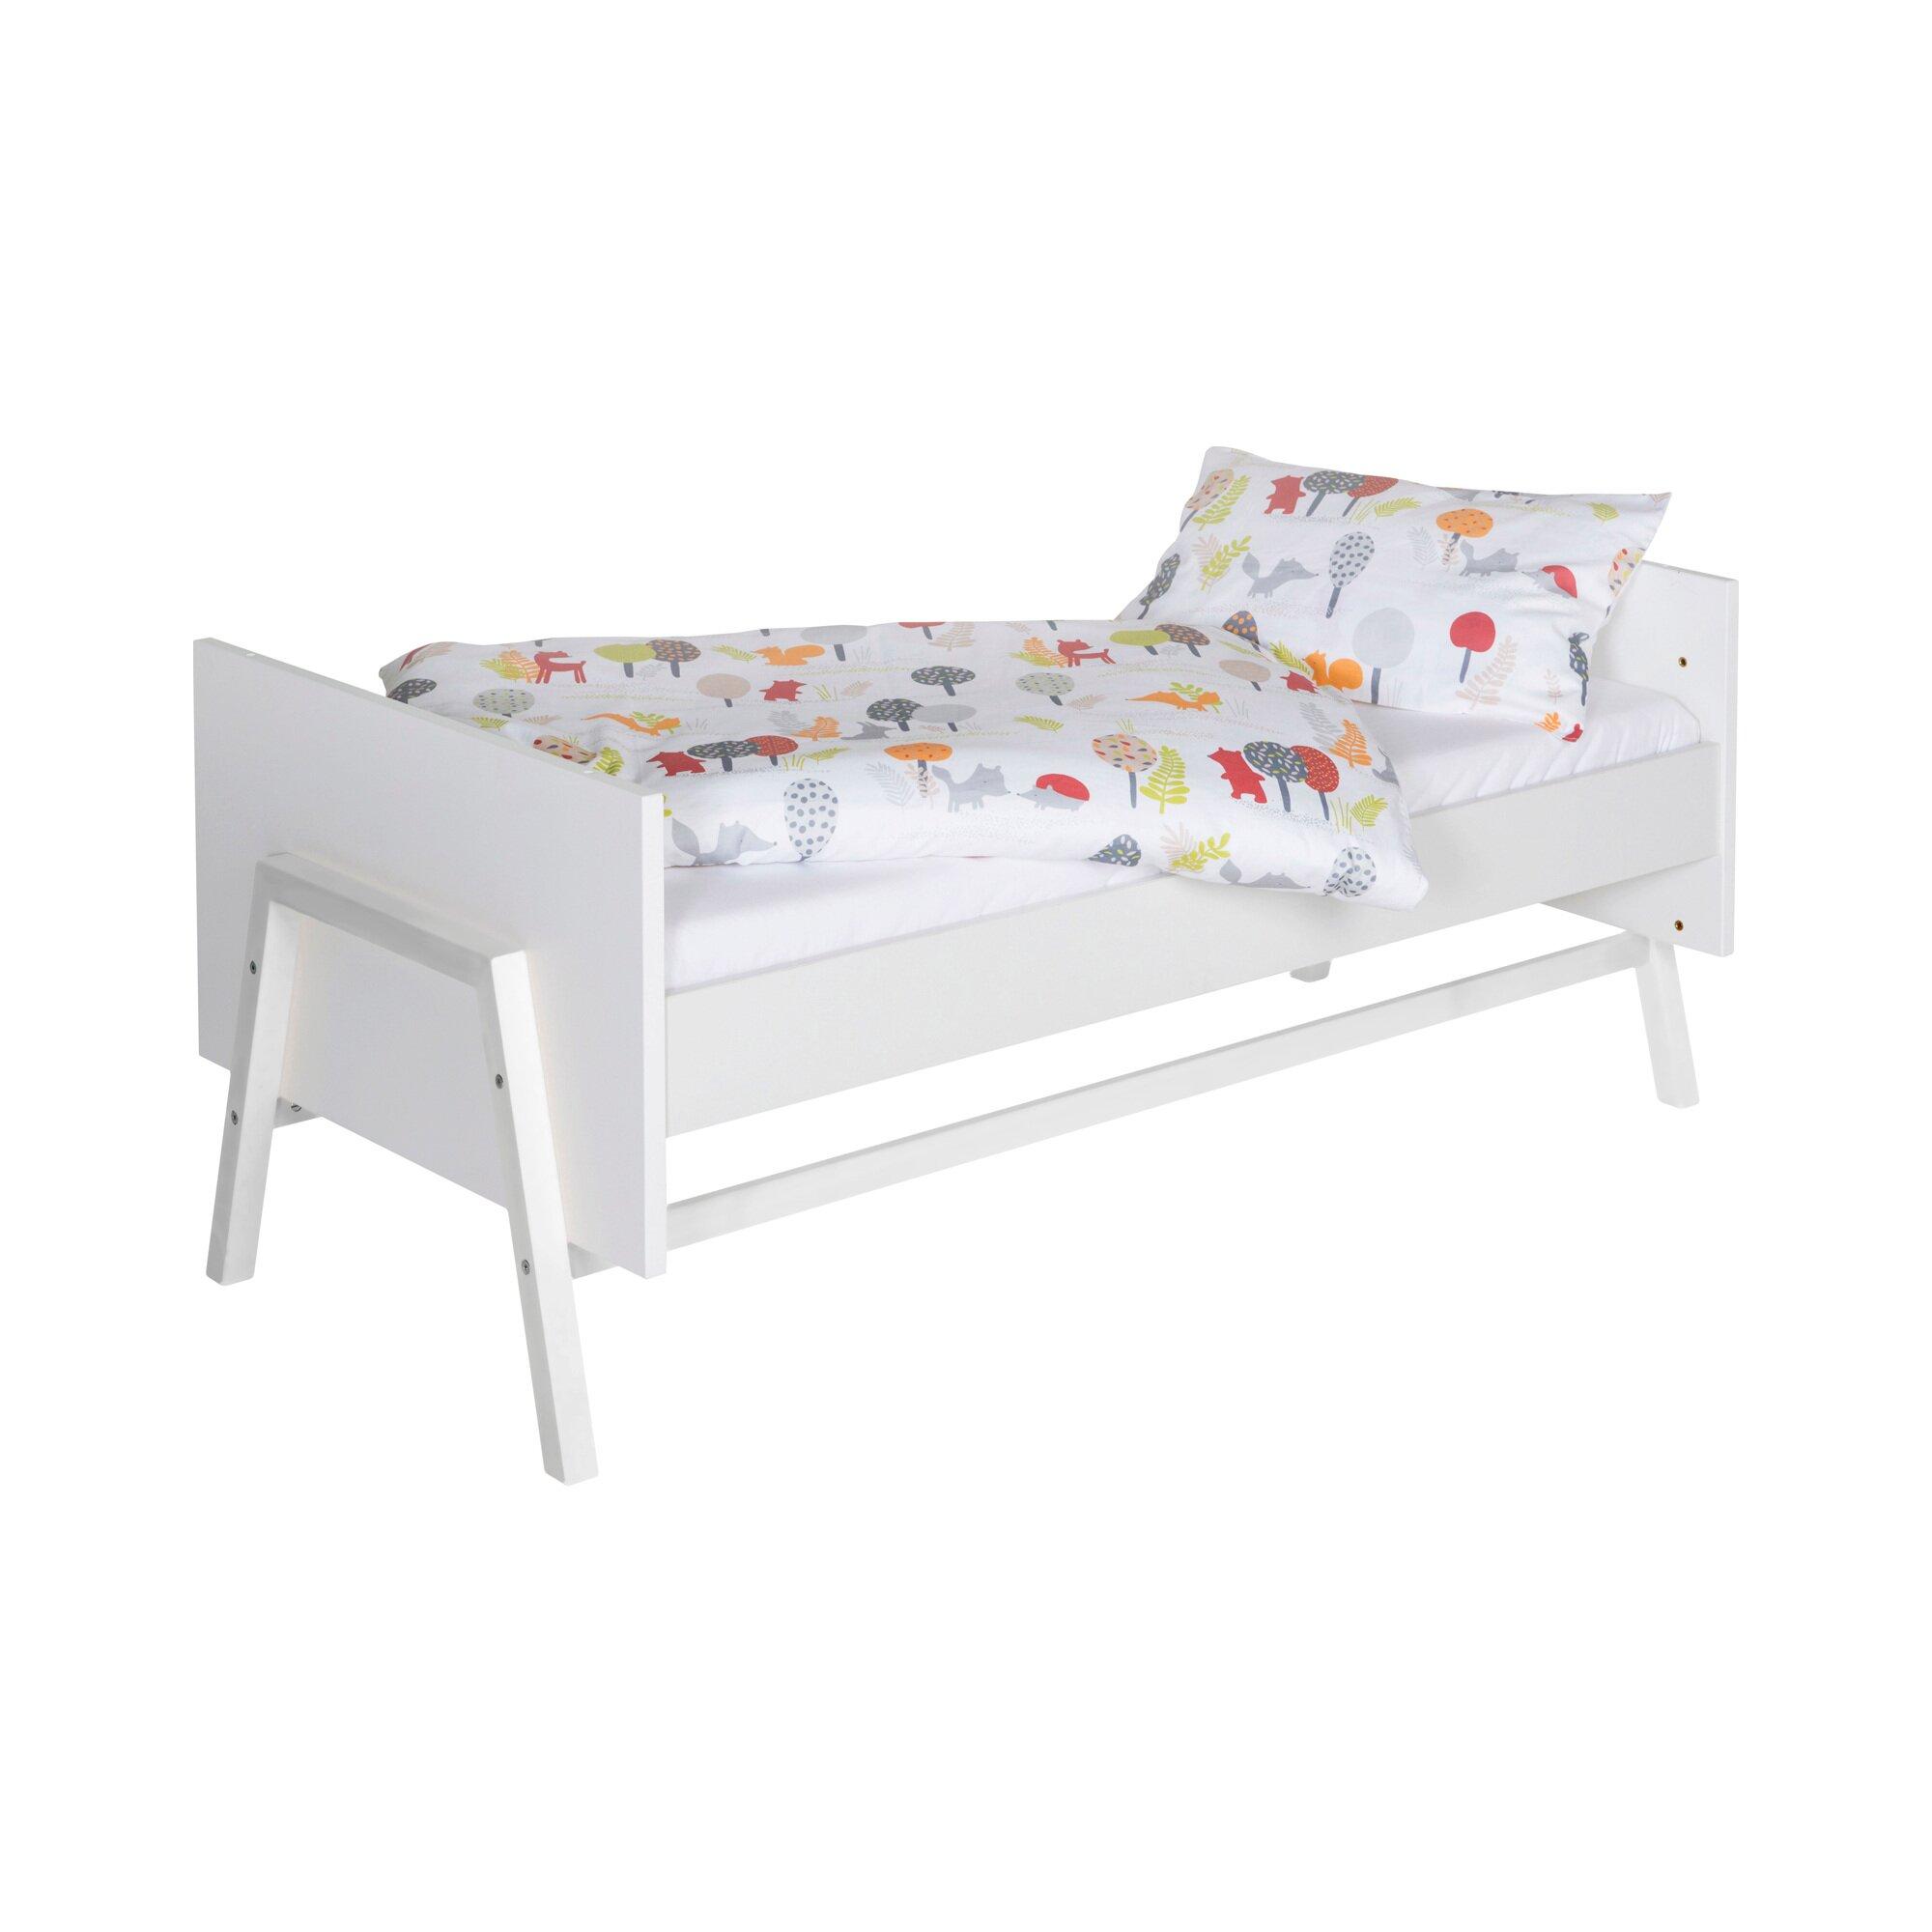 schardt-babybett-holly-white-70x140-cm